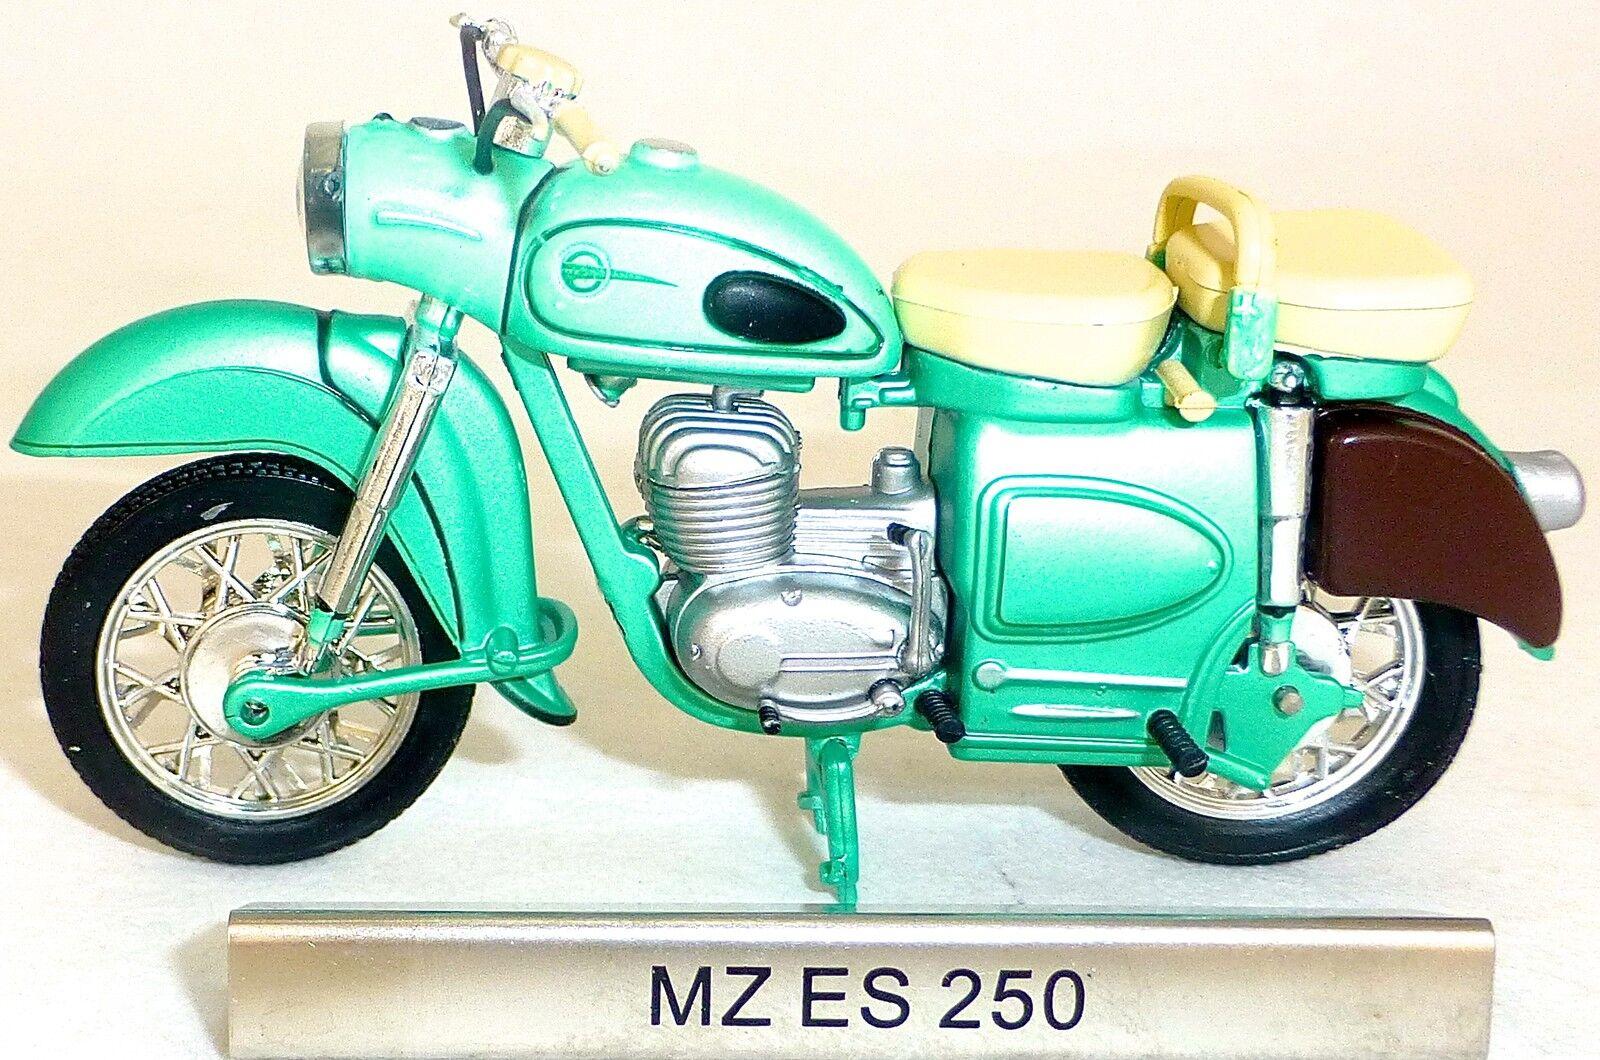 Mz Es 250 Motorcycle GDR Year 1956 Bis 1962 1 24 Atlas 7168102 Nip La Μ